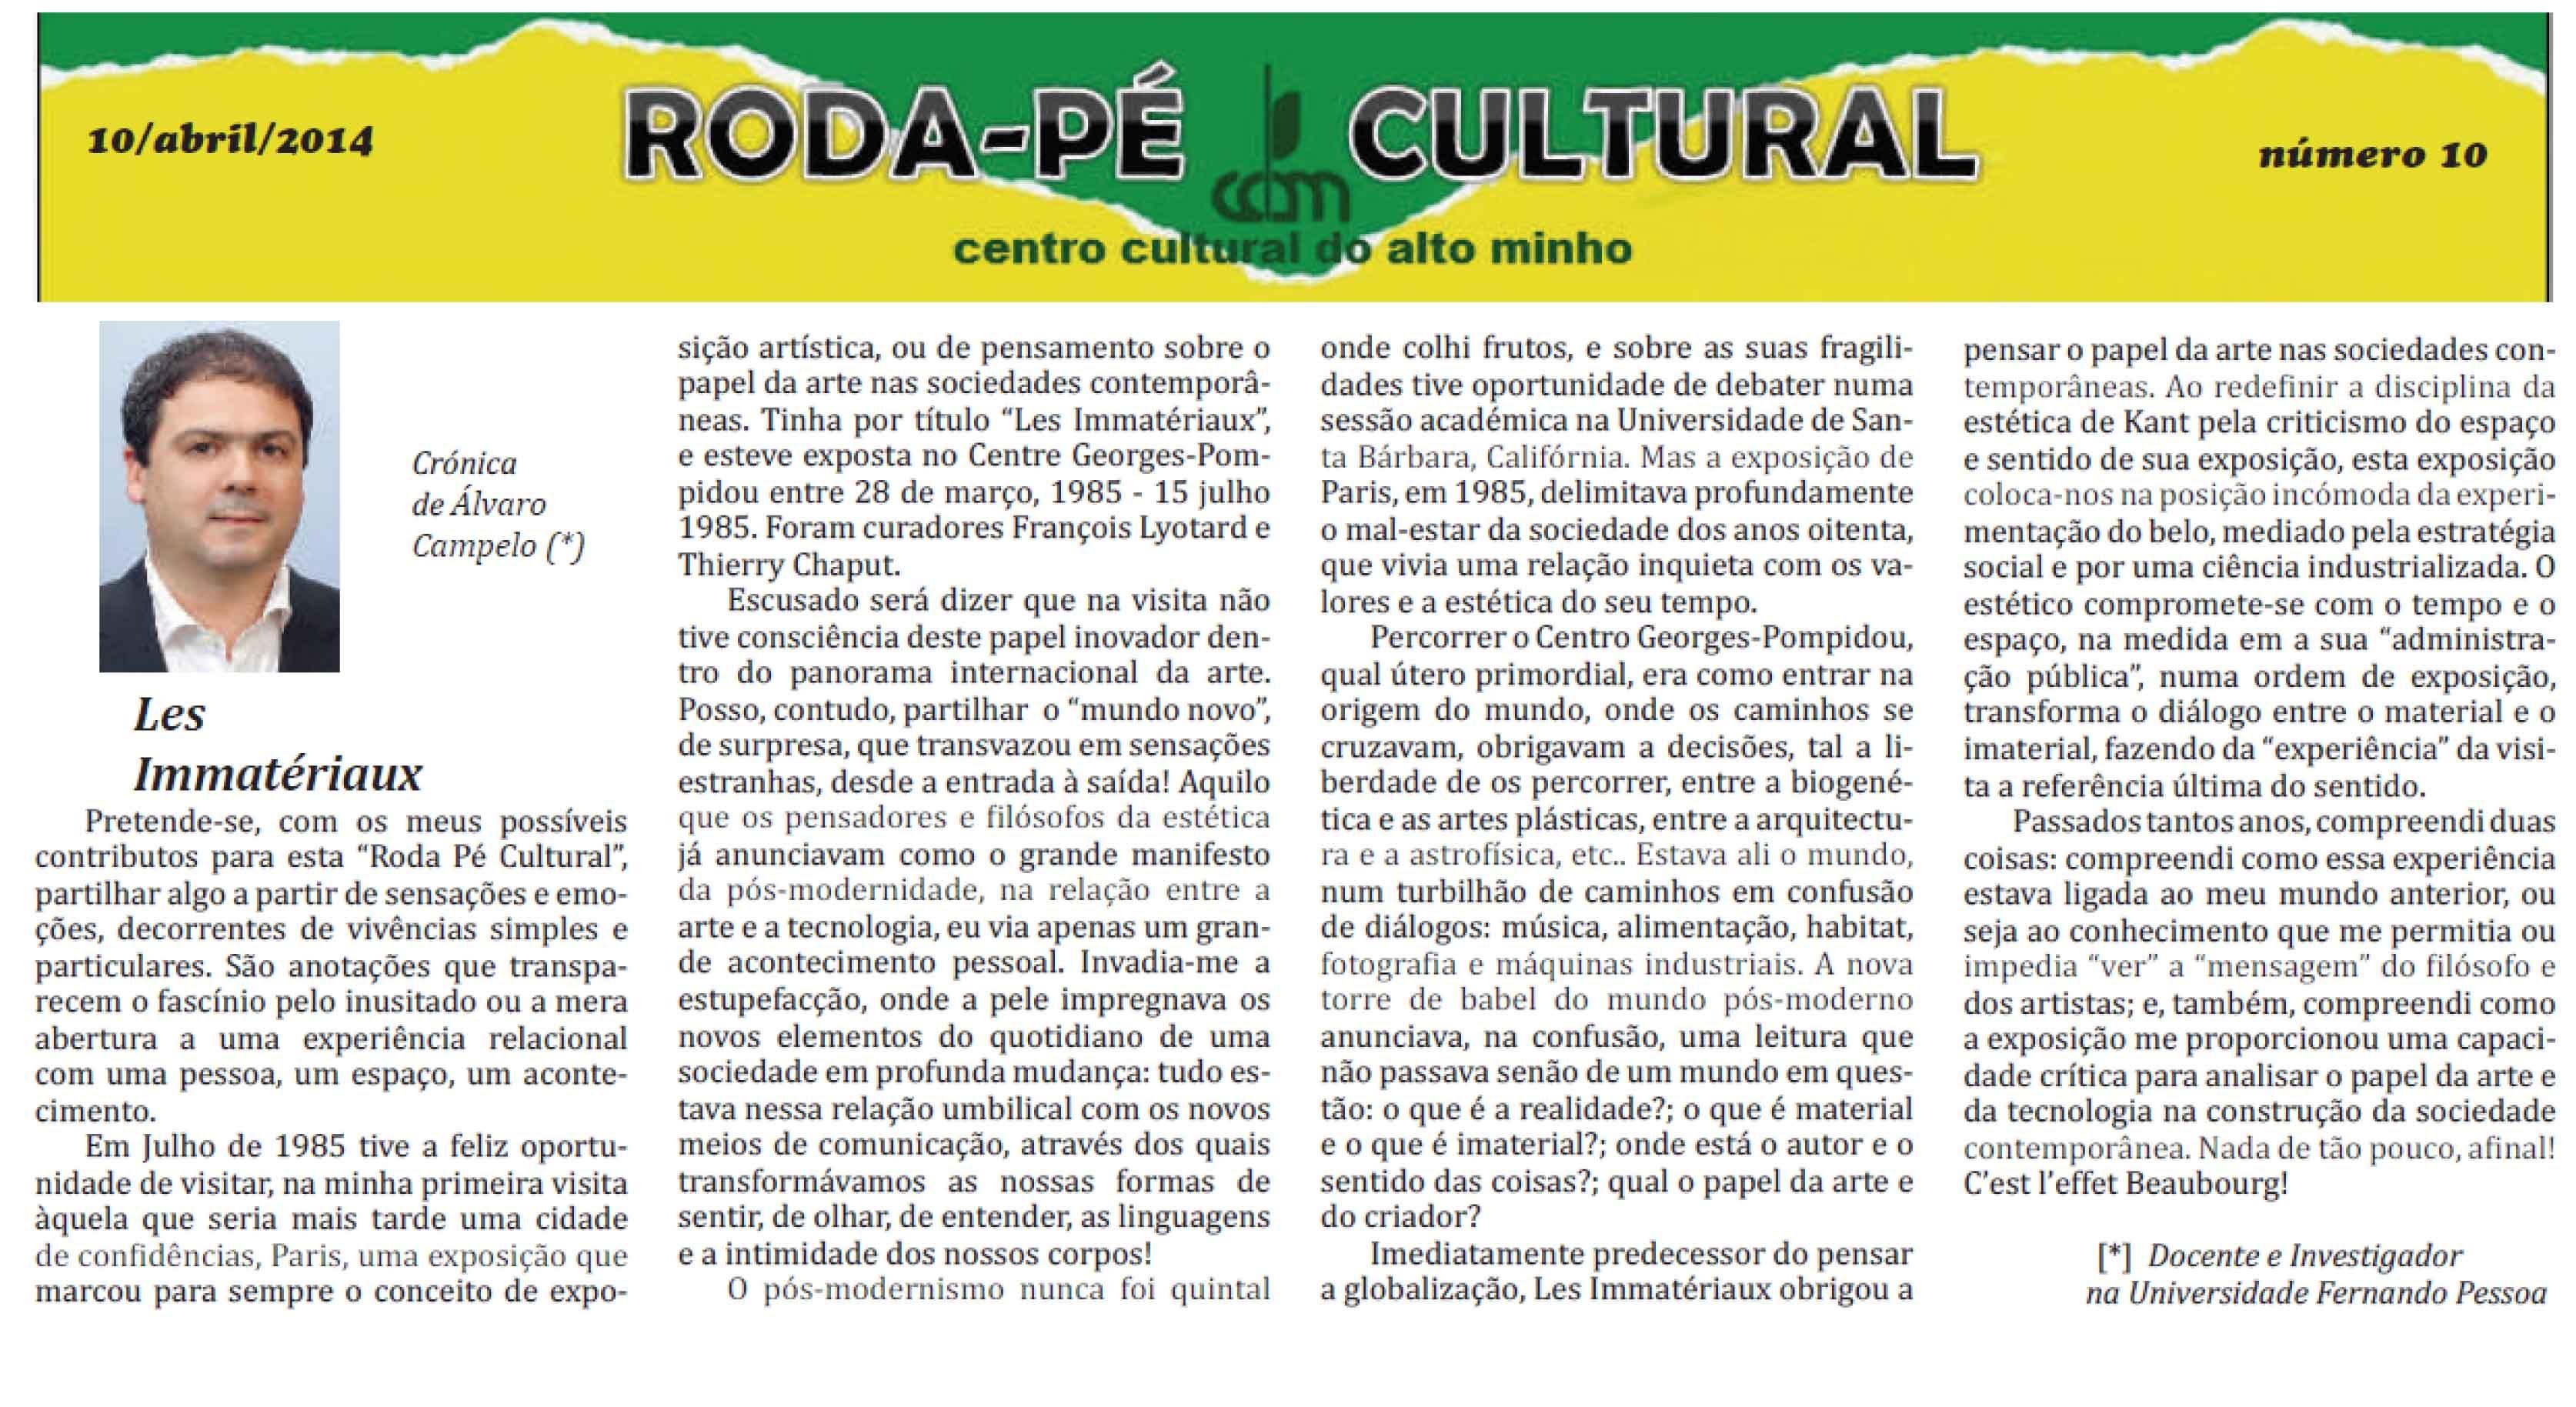 https://sites.google.com/a/centroculturaldoaltominho.org/ccam/actividades-realizadas/2014/Roda-P%C3%A9_10.jpg?attredirects=0